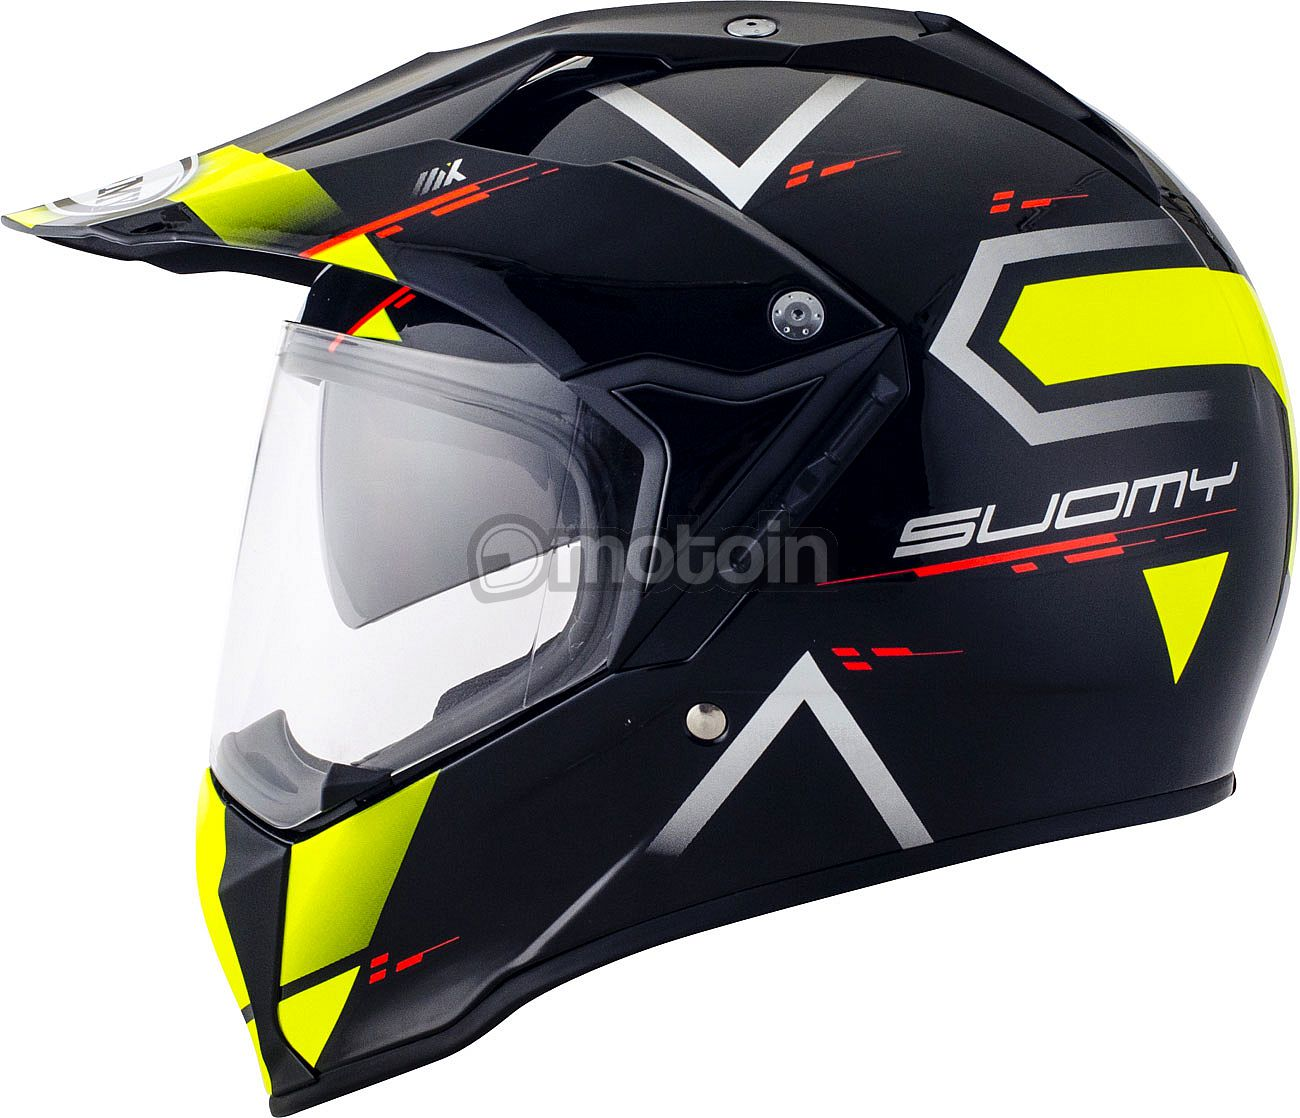 suomy mx tourer  Suomy MX Tourer Road, casco enduro -